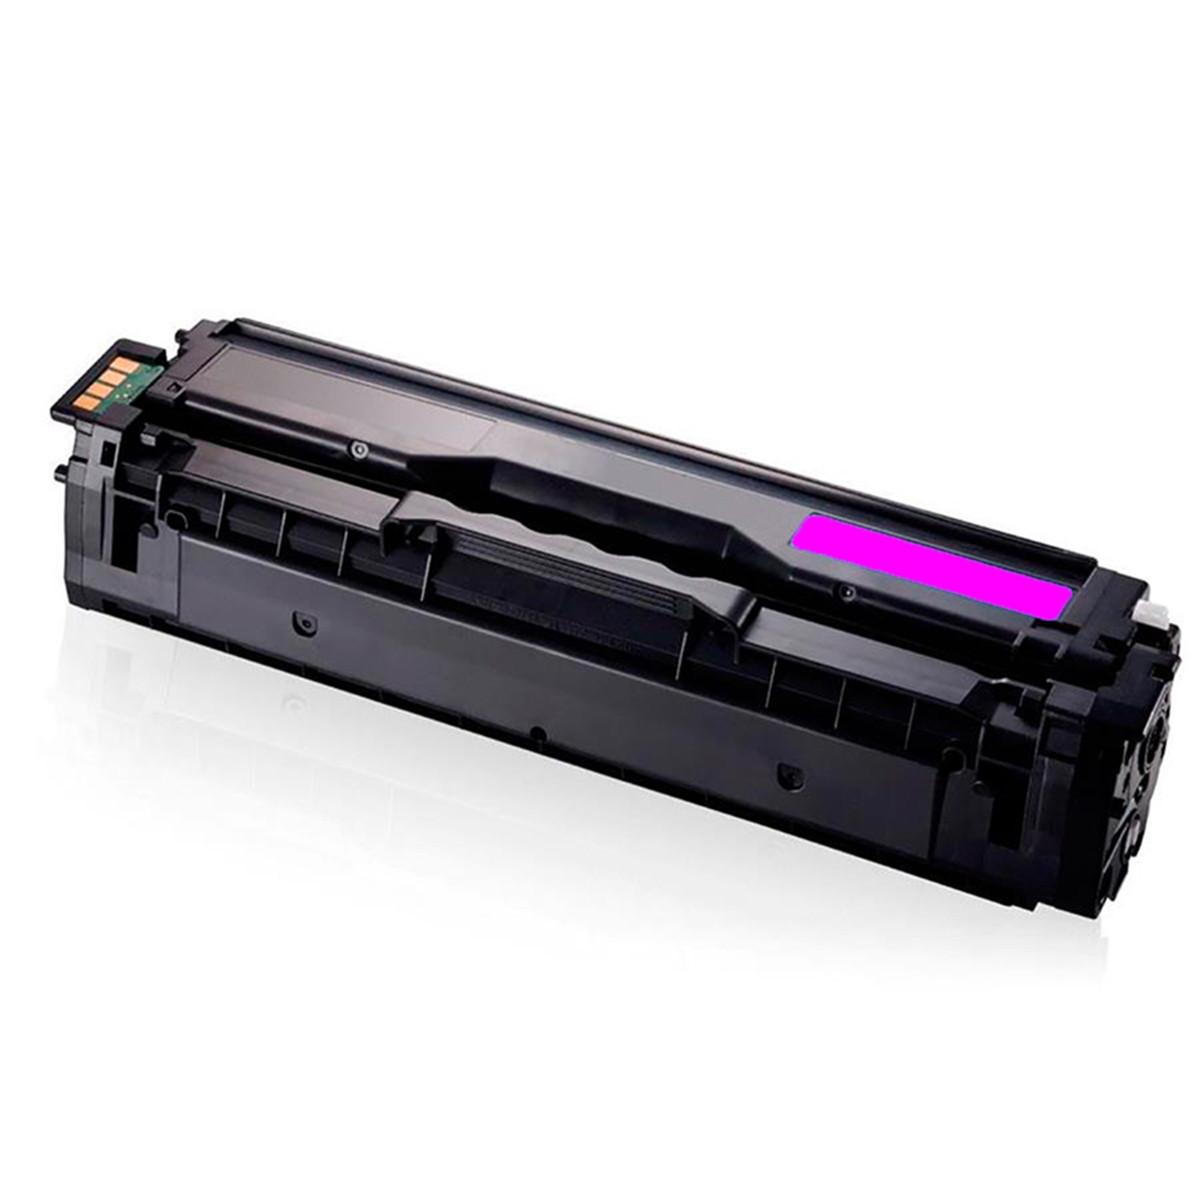 Toner Compatível com Samsung 504S CLT-M504S Magenta | CLP415NW CLX4195FN SL-C1810W | Importado 1.8k